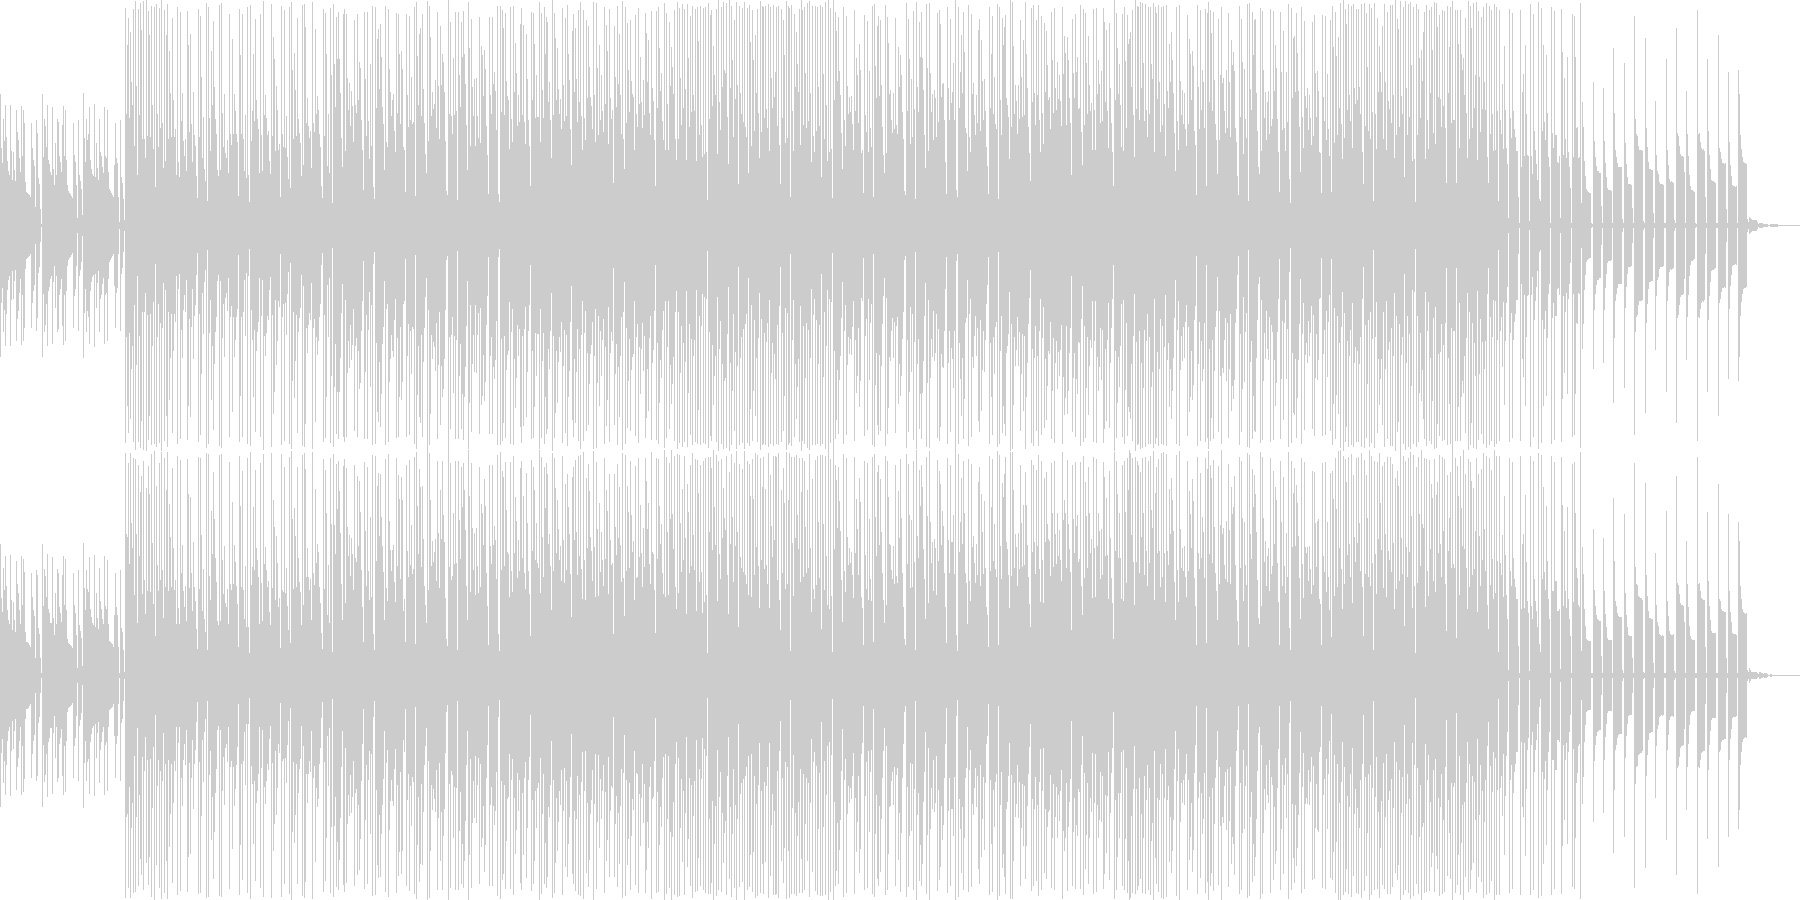 デジタル機器CF、ジングル、ロゴ用 の未再生の波形